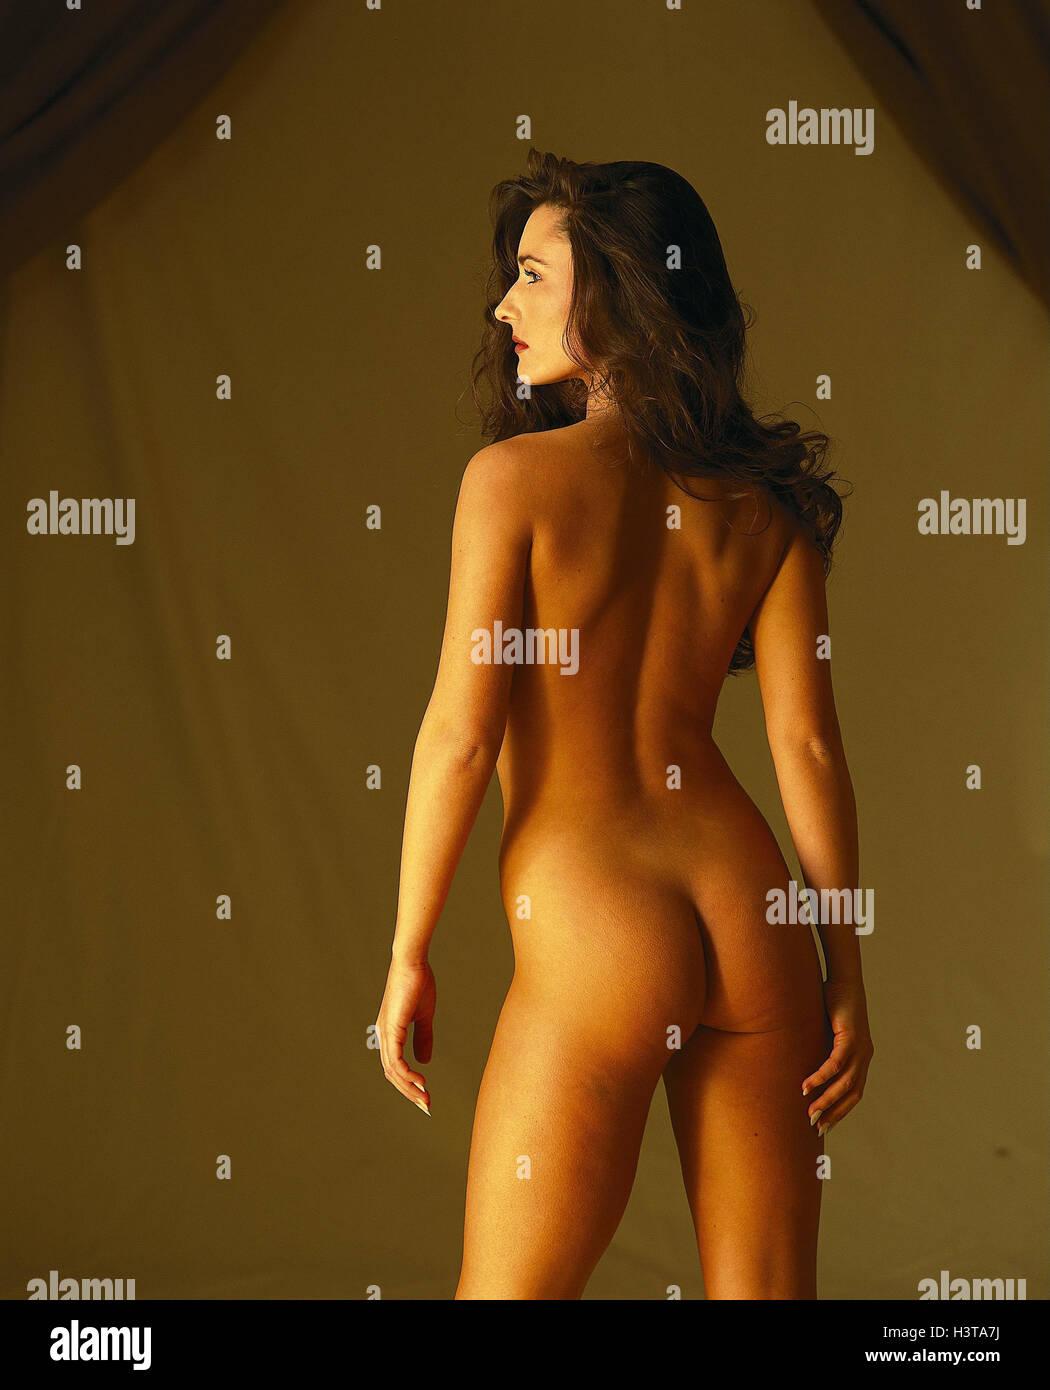 Frauen Nackt Erotisch